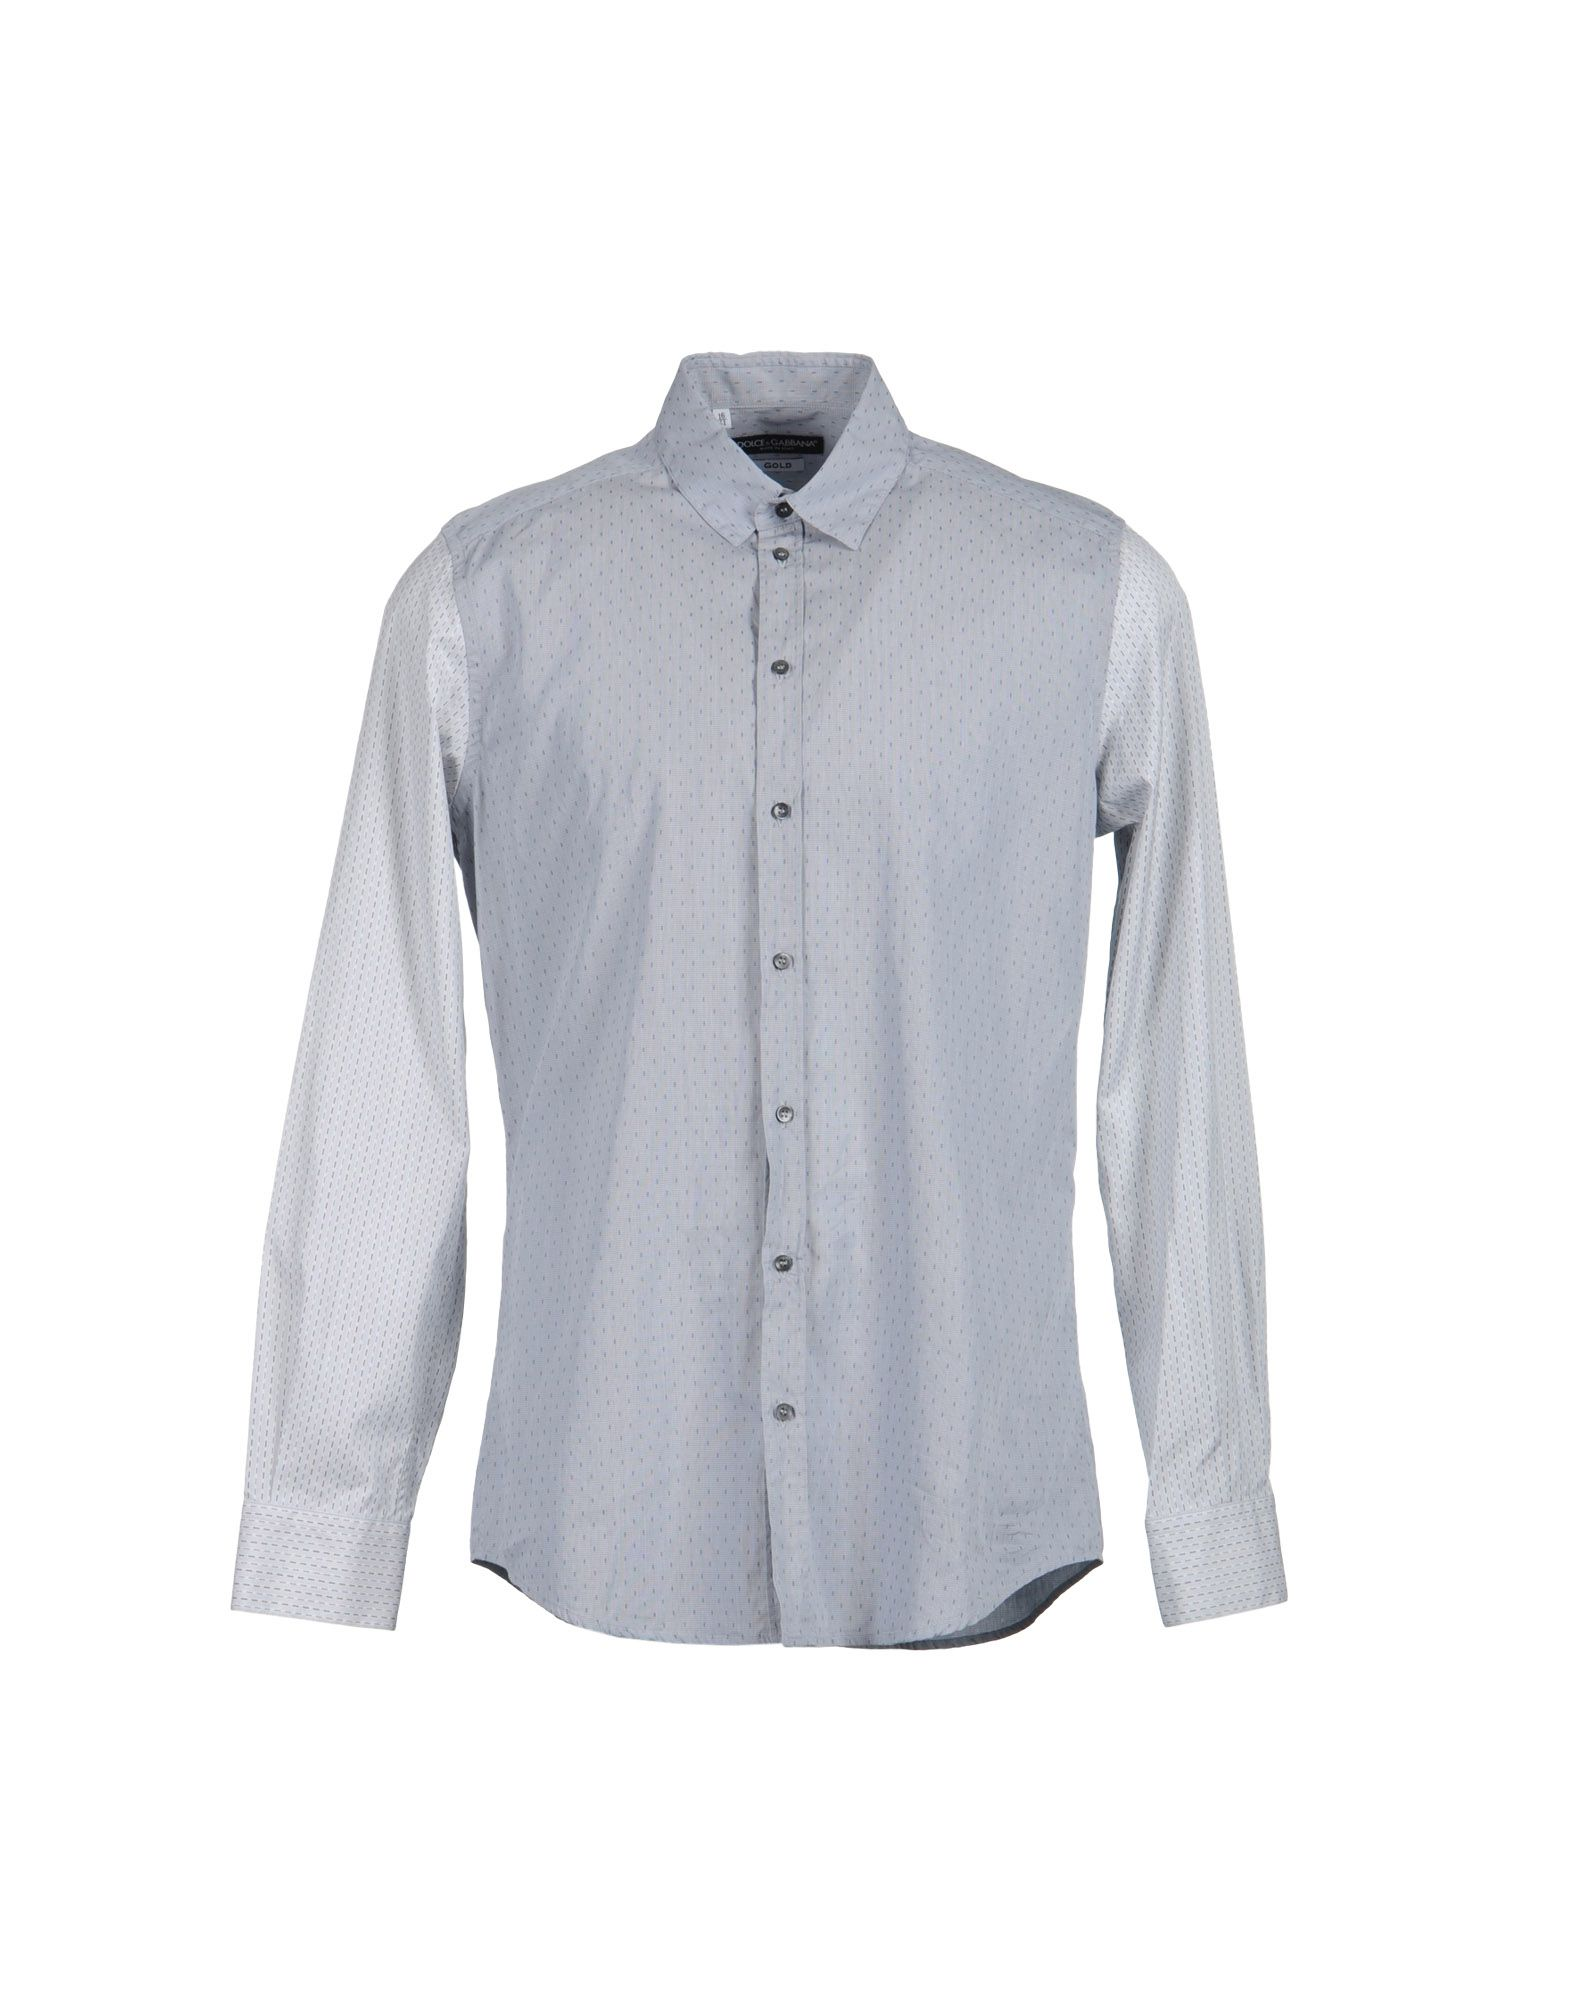 футболка мужская dolce Рубашка мужская D&g 38397004lw